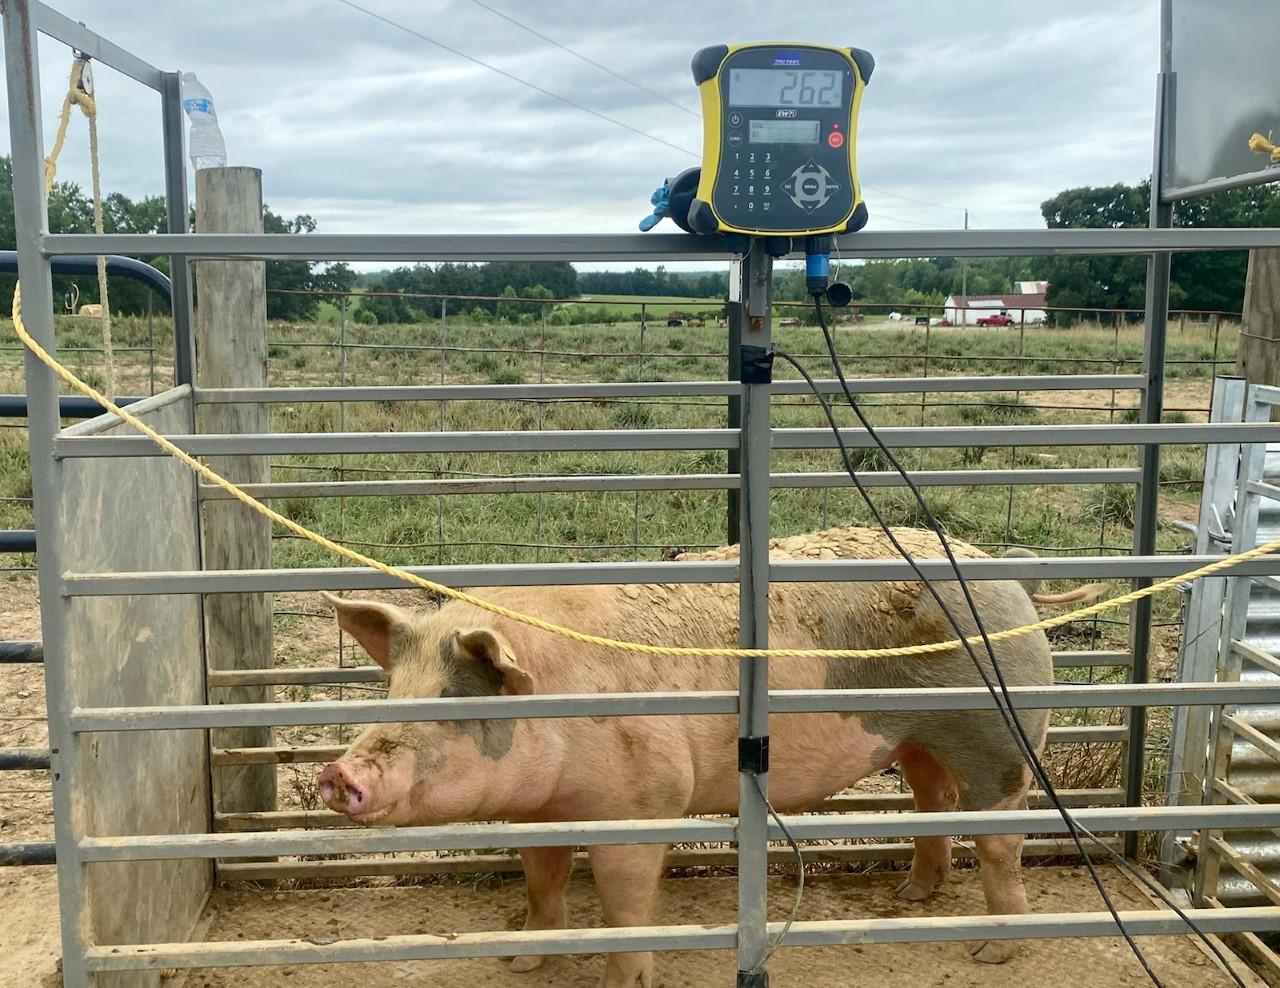 Pig weighing station in Baskerville, VA